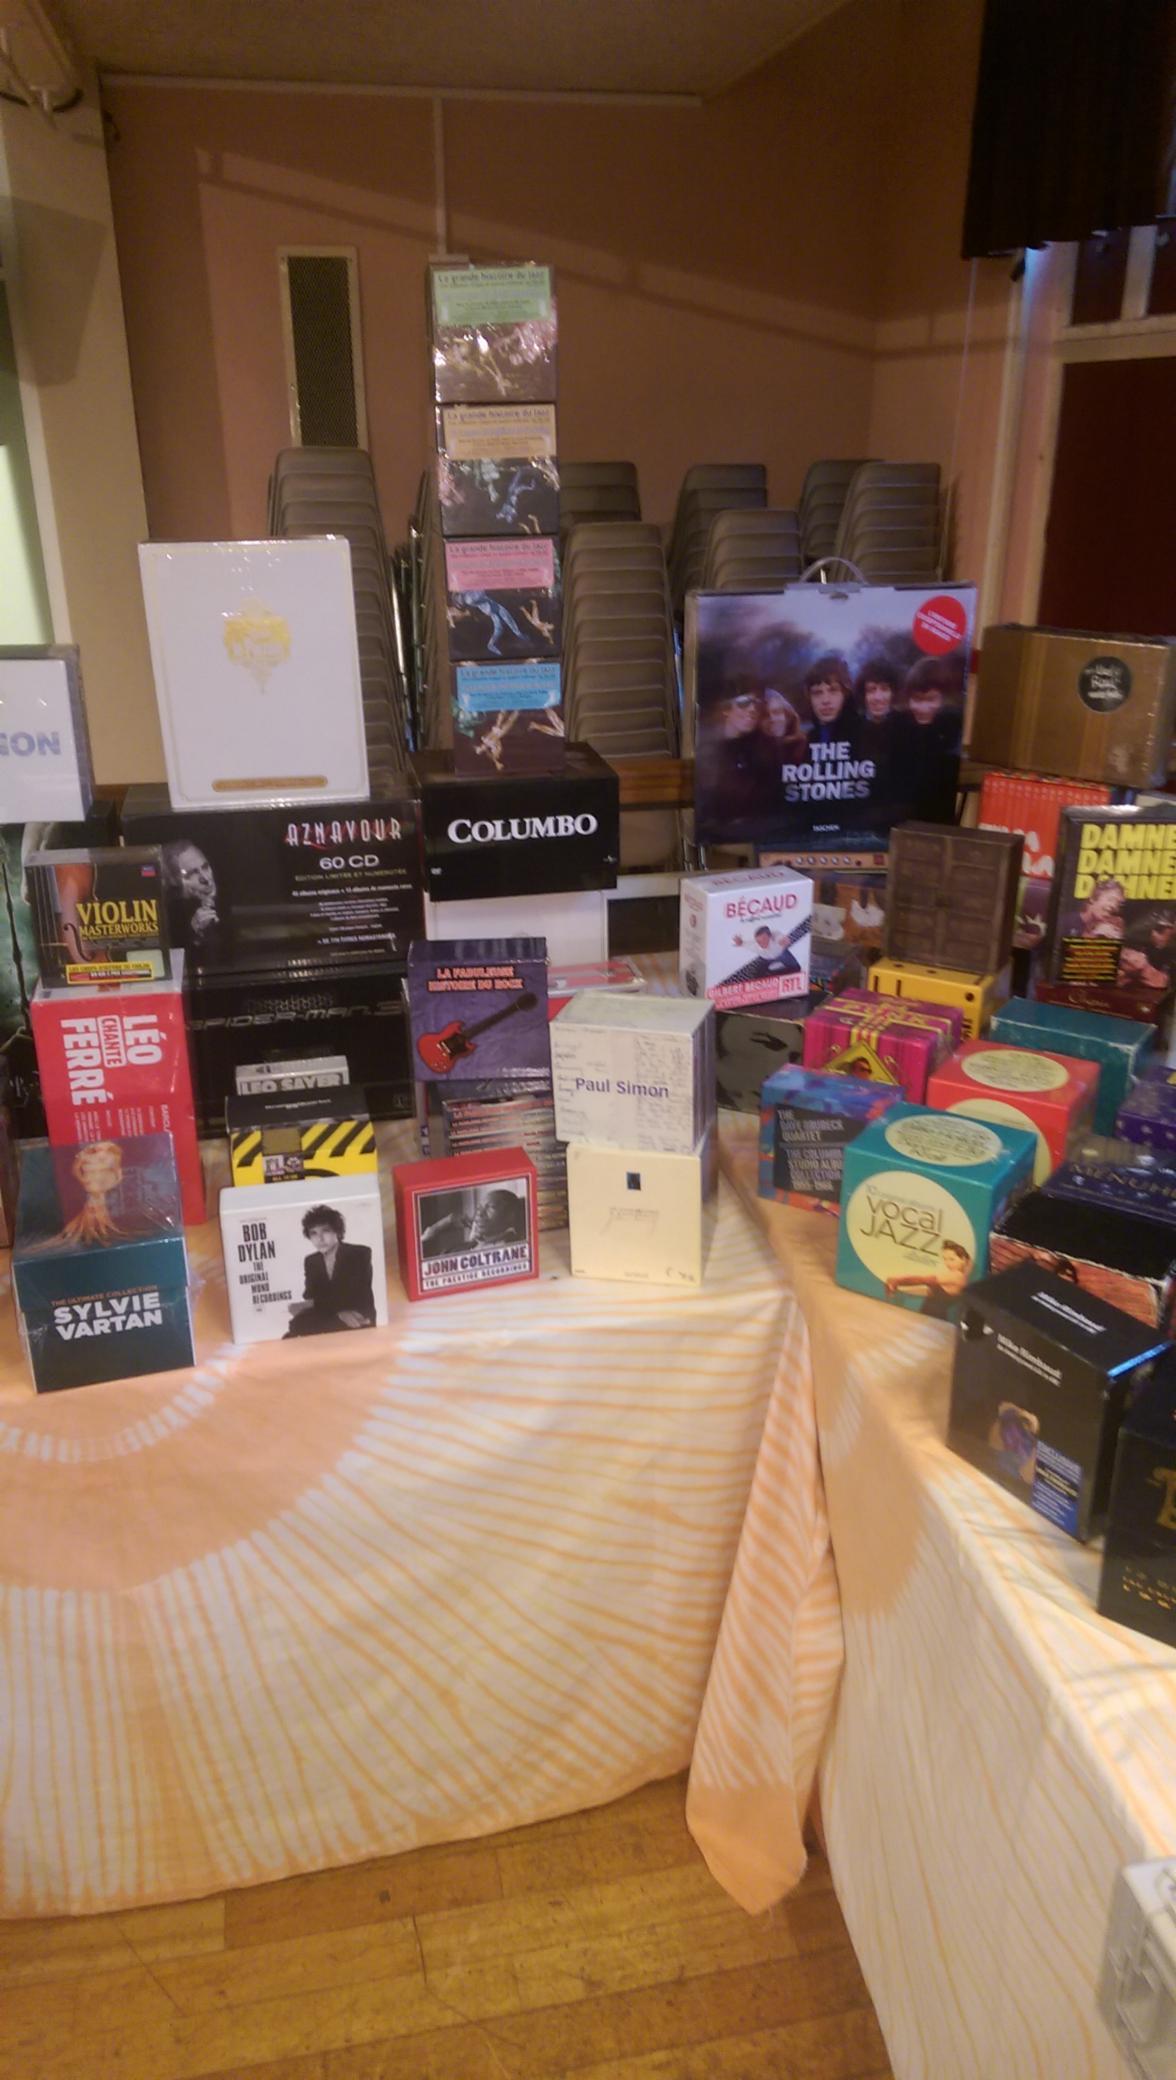 8 achat-vente CD/DVD/BD/Vinyles achat et vente de CD/DVD/VINYLES etc achat-vente CD/DVD/BD/Vinyles achat et vente de CD/DVD/VINYLES etc